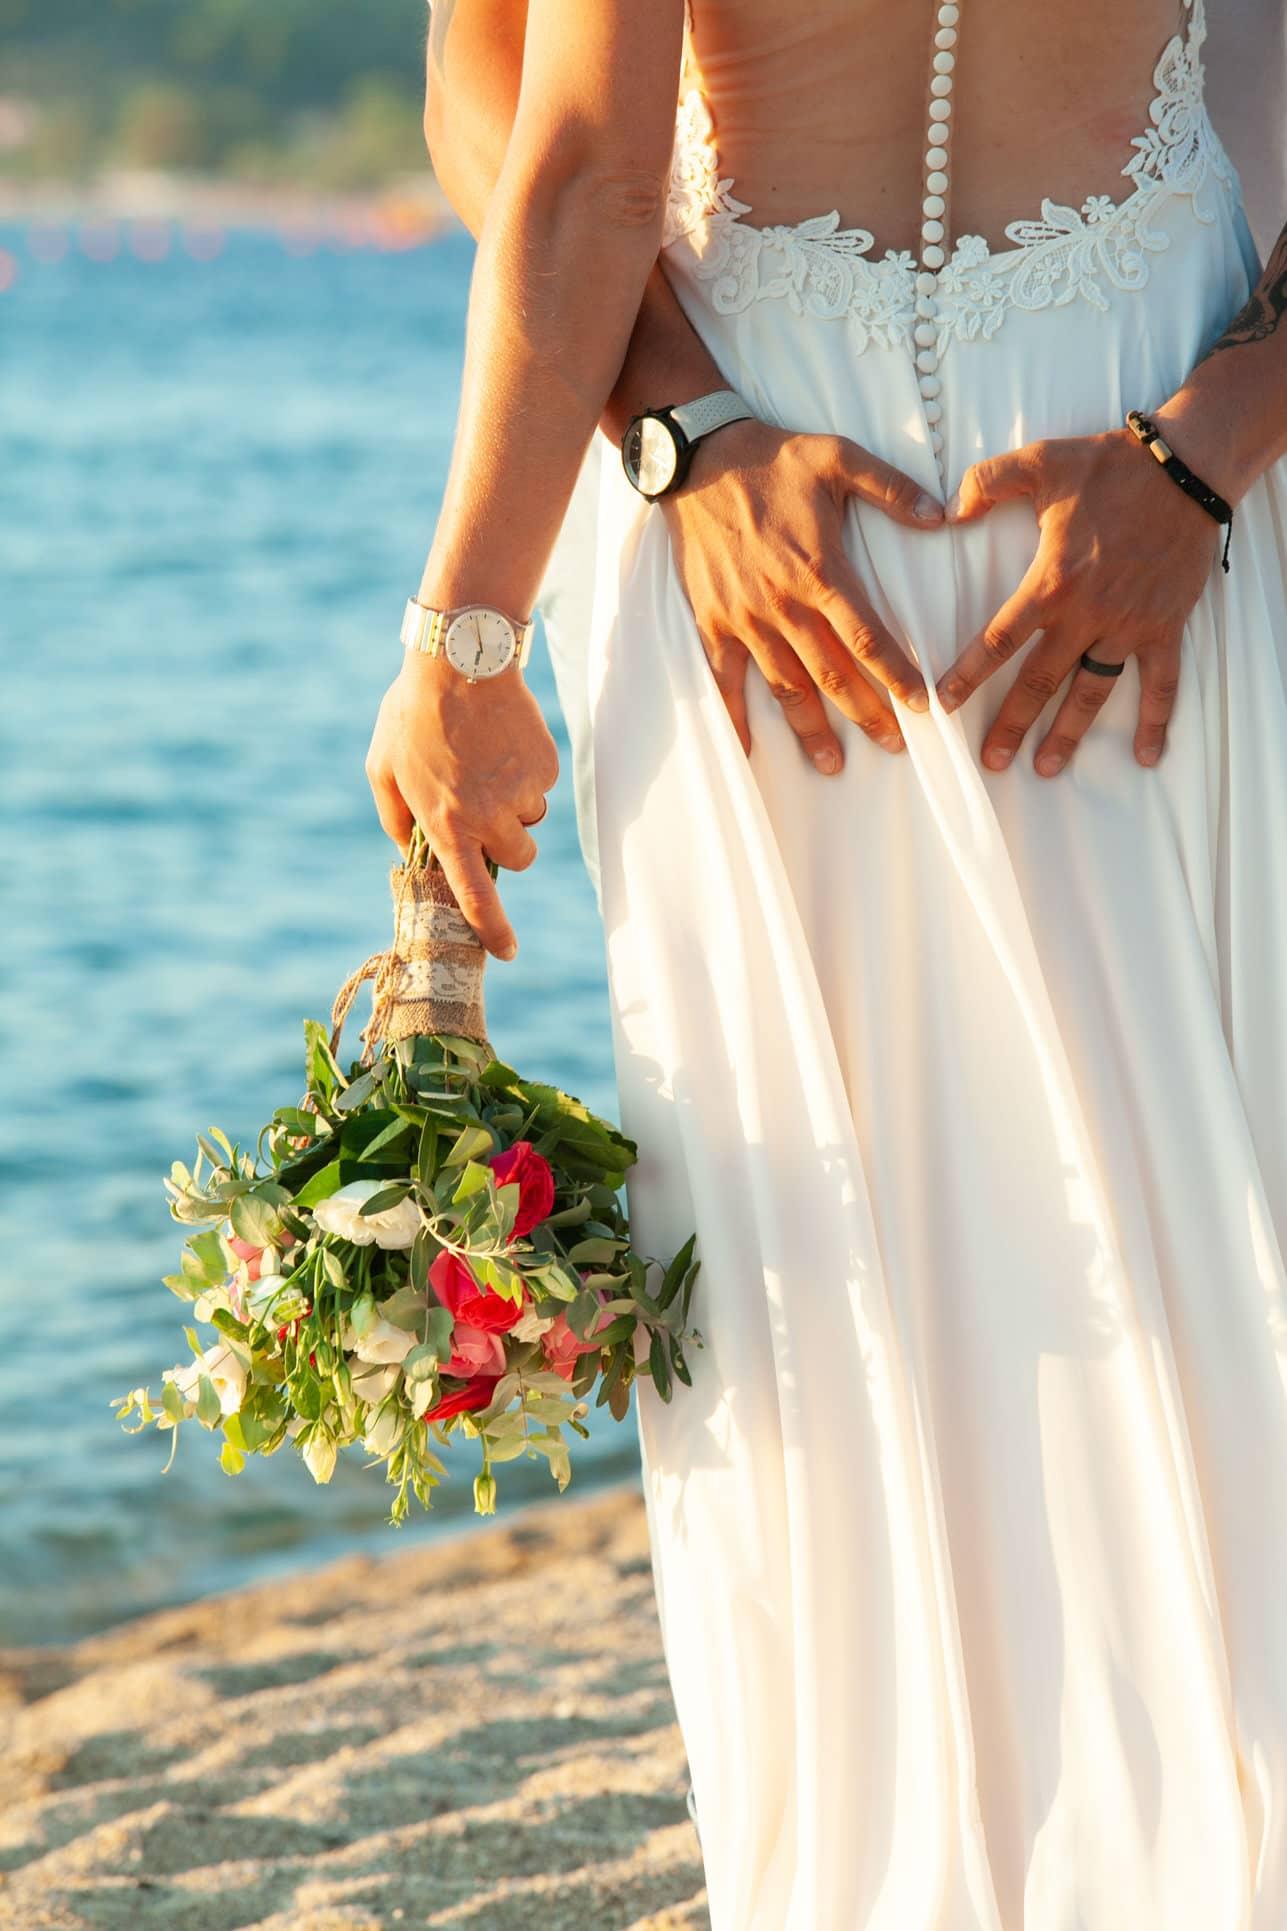 ΦΩΤΟΓΡΑΦΗΣΗ ΓΑΜΟΥ ΧΑΛΚΙΔΙΚΗ, Paul's & Verena's Wedding